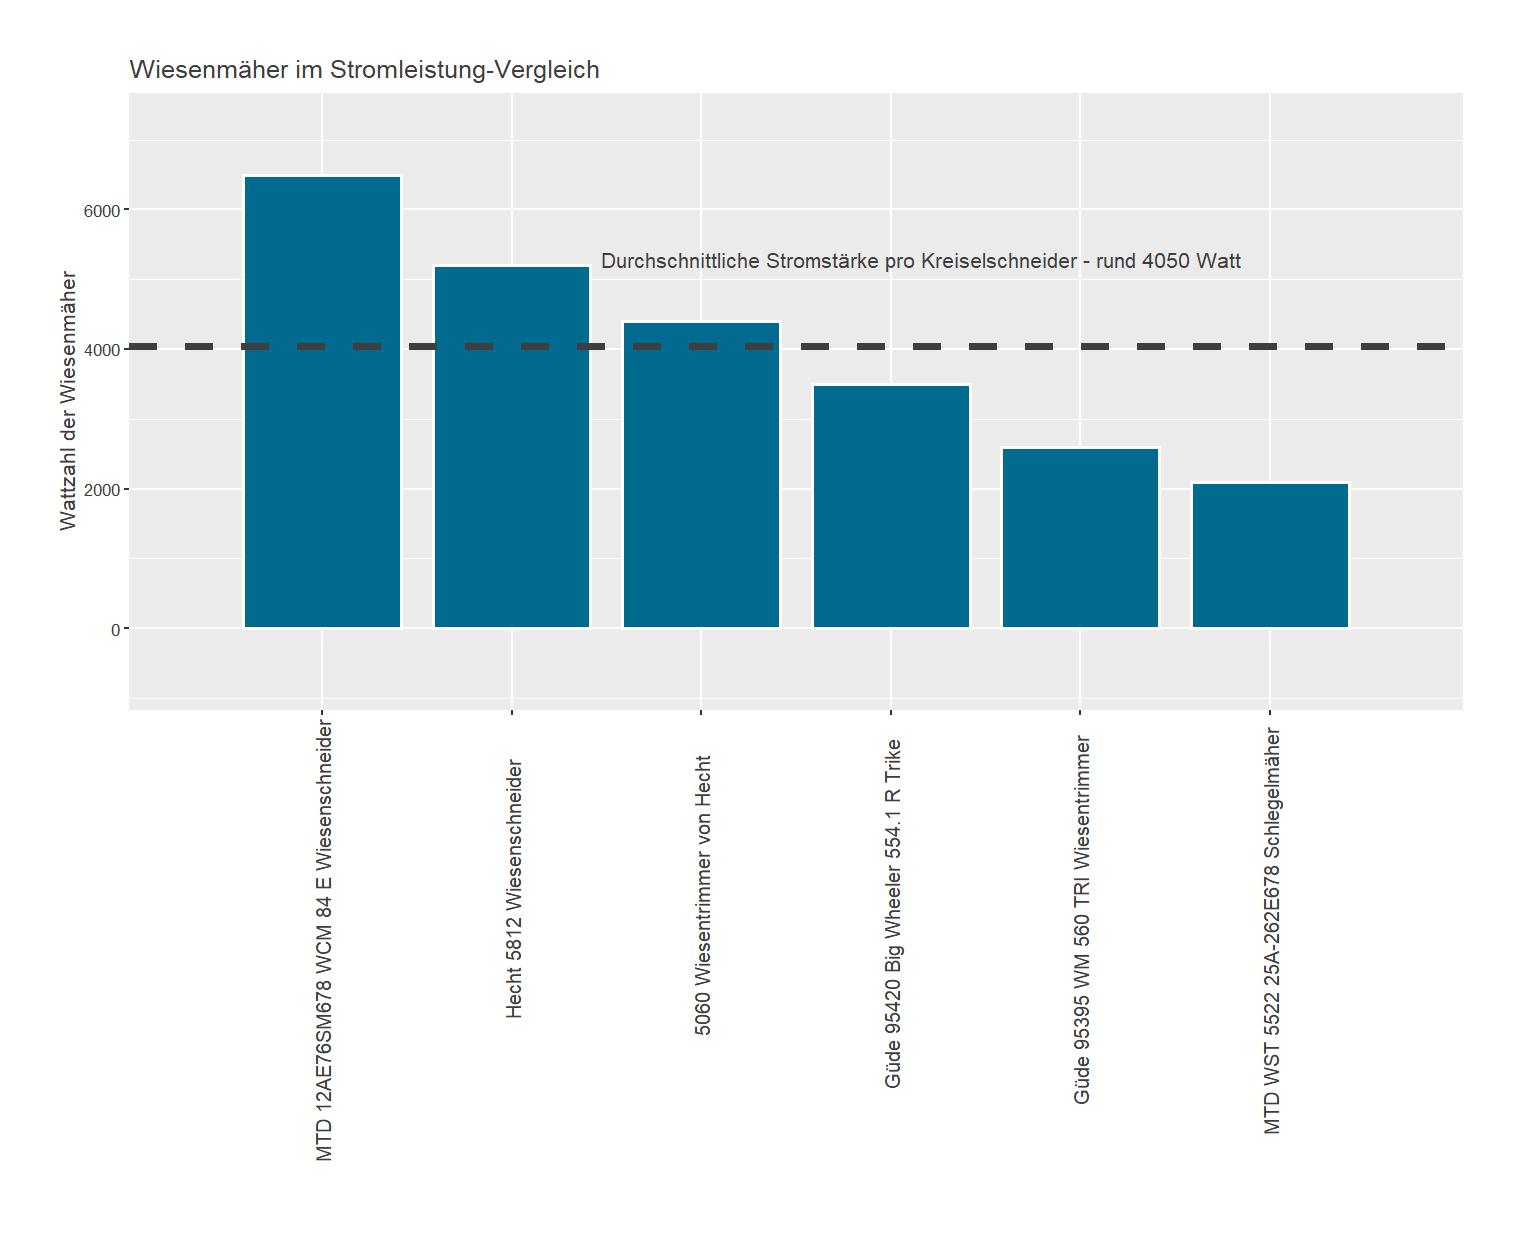 Stromleistung-Vergleich aller Wiesenmäher